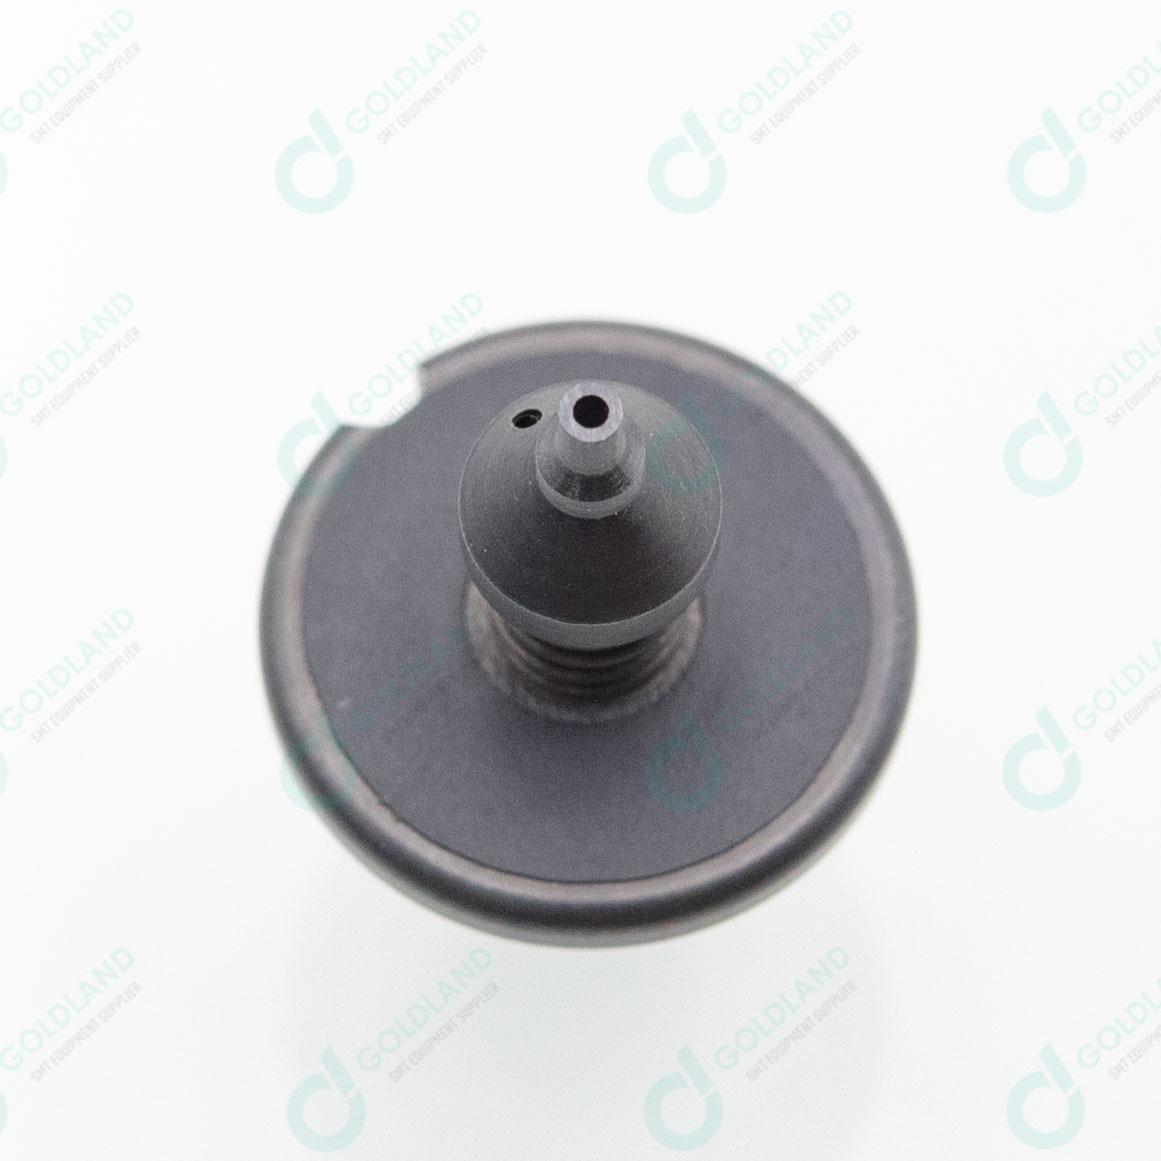 LC6-M7716-002 IPULSE NOZZLE P33 for  IPULSE SMT chip place machine parts